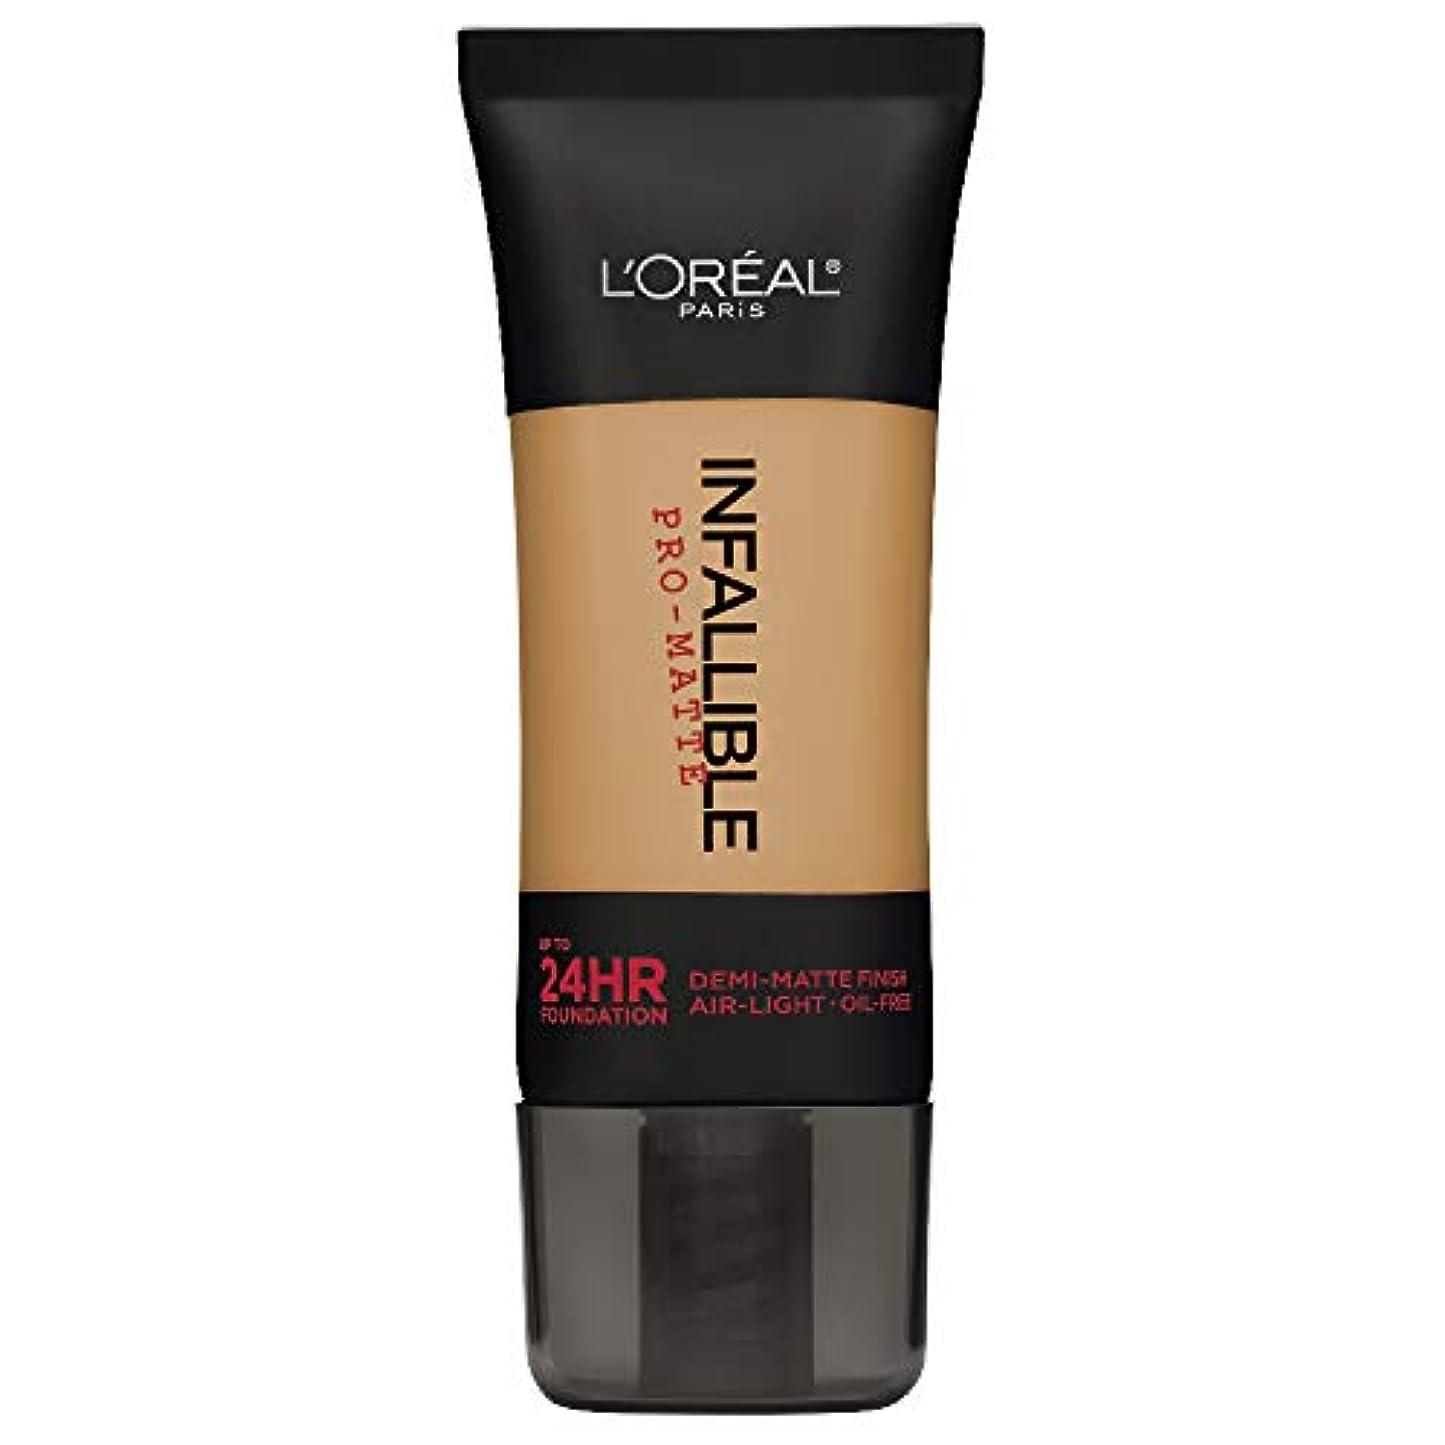 補充不完全極めて重要なL'Oreal Paris Infallible Pro-Matte Foundation Makeup, 107 Fresh Beige, 1 fl. oz[並行輸入品]